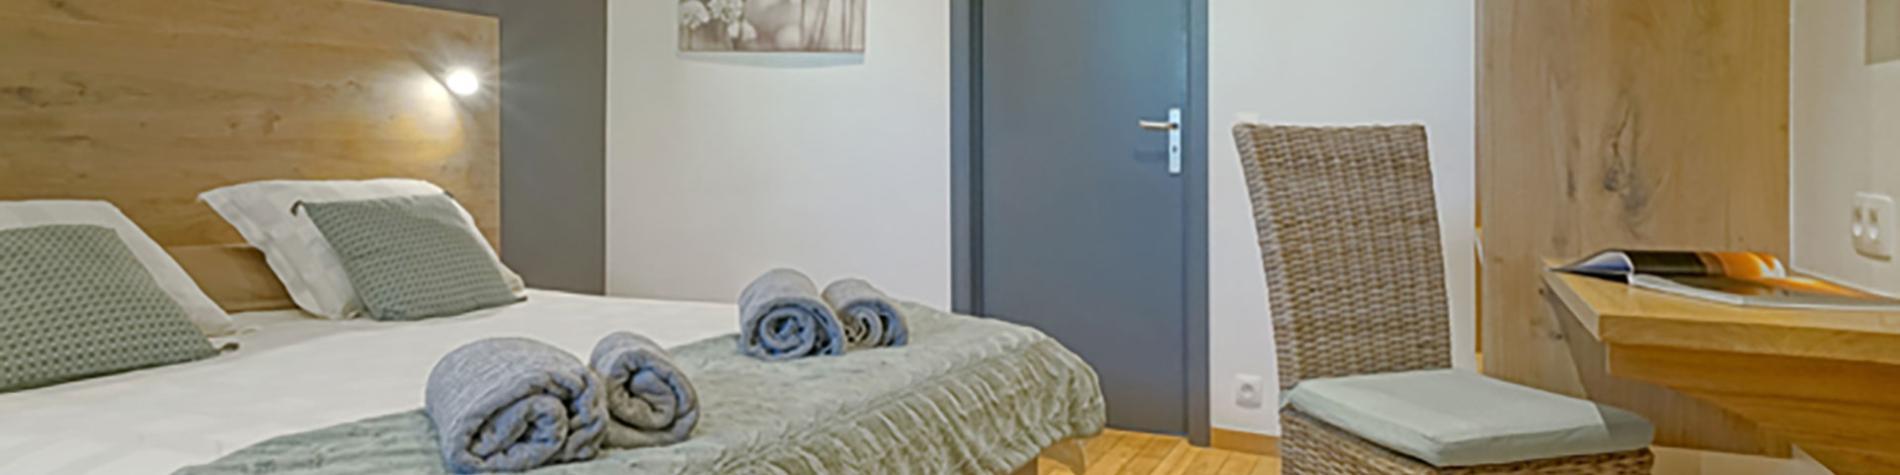 Maison d'hôtes - Ferme Houard - Bomal-sur-Ourthe